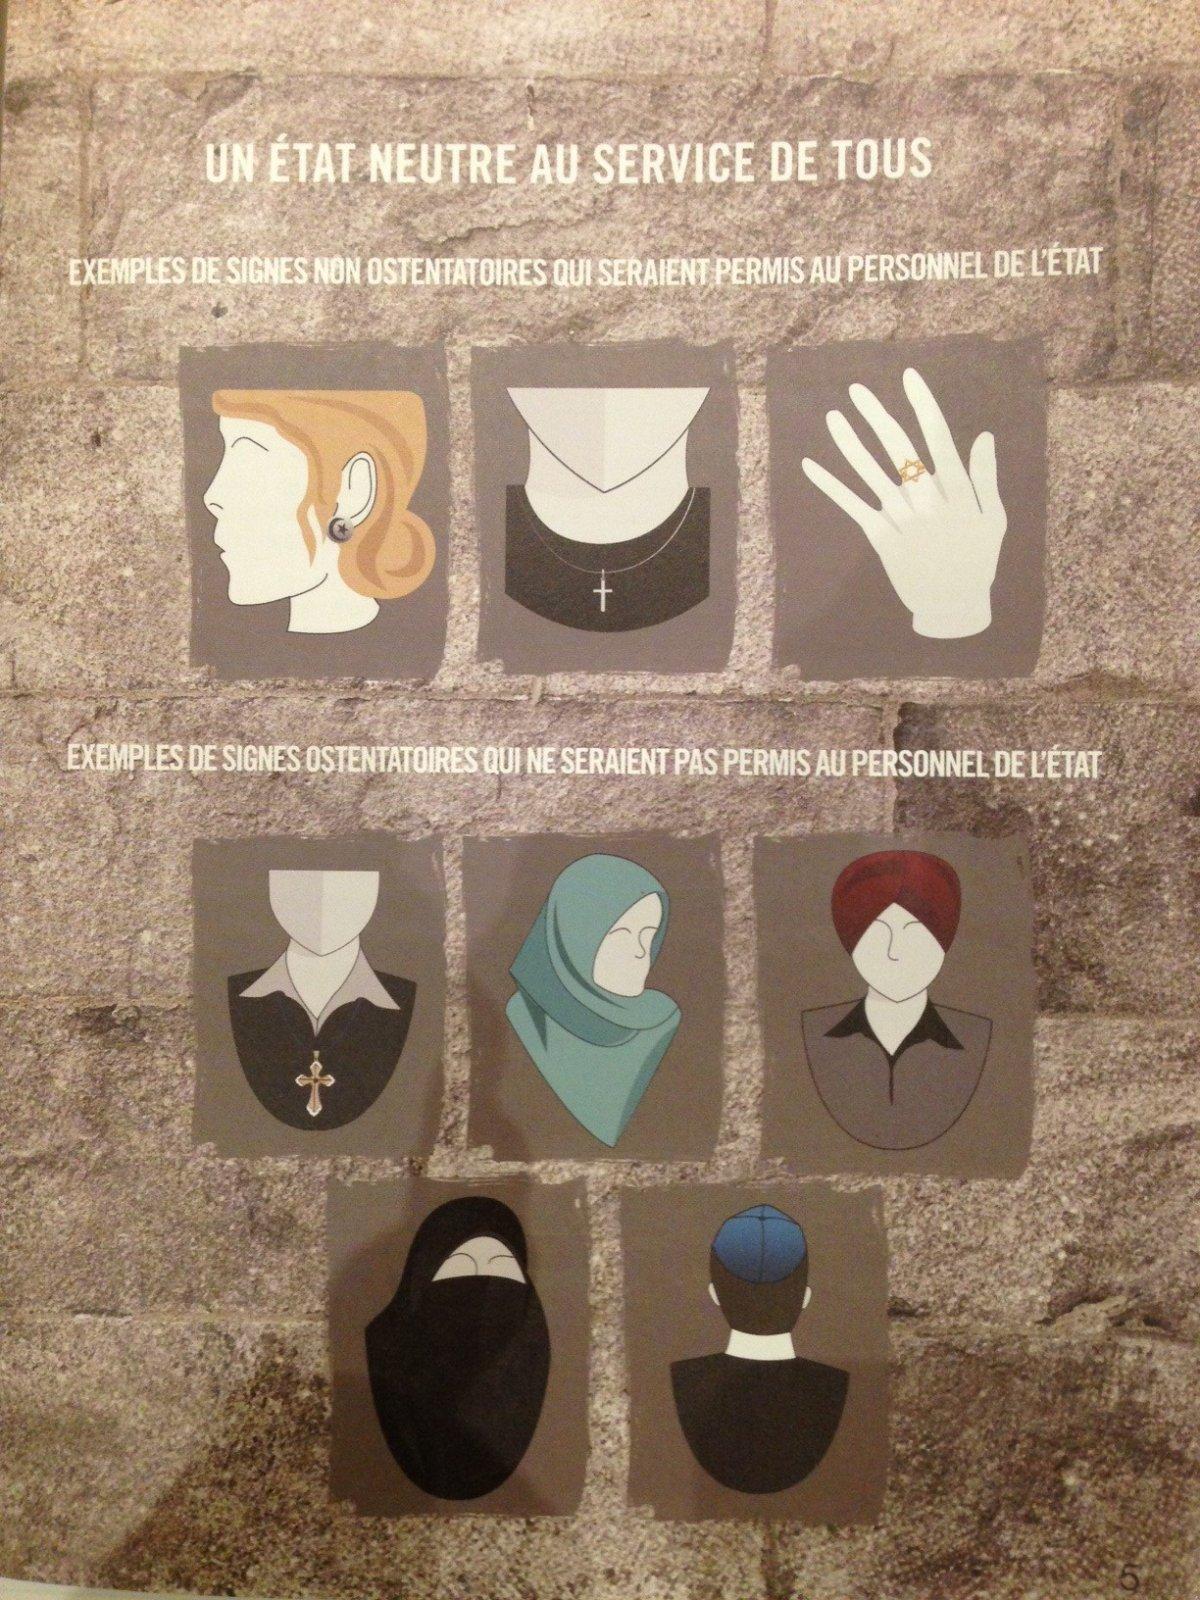 conspicuous religious symbols